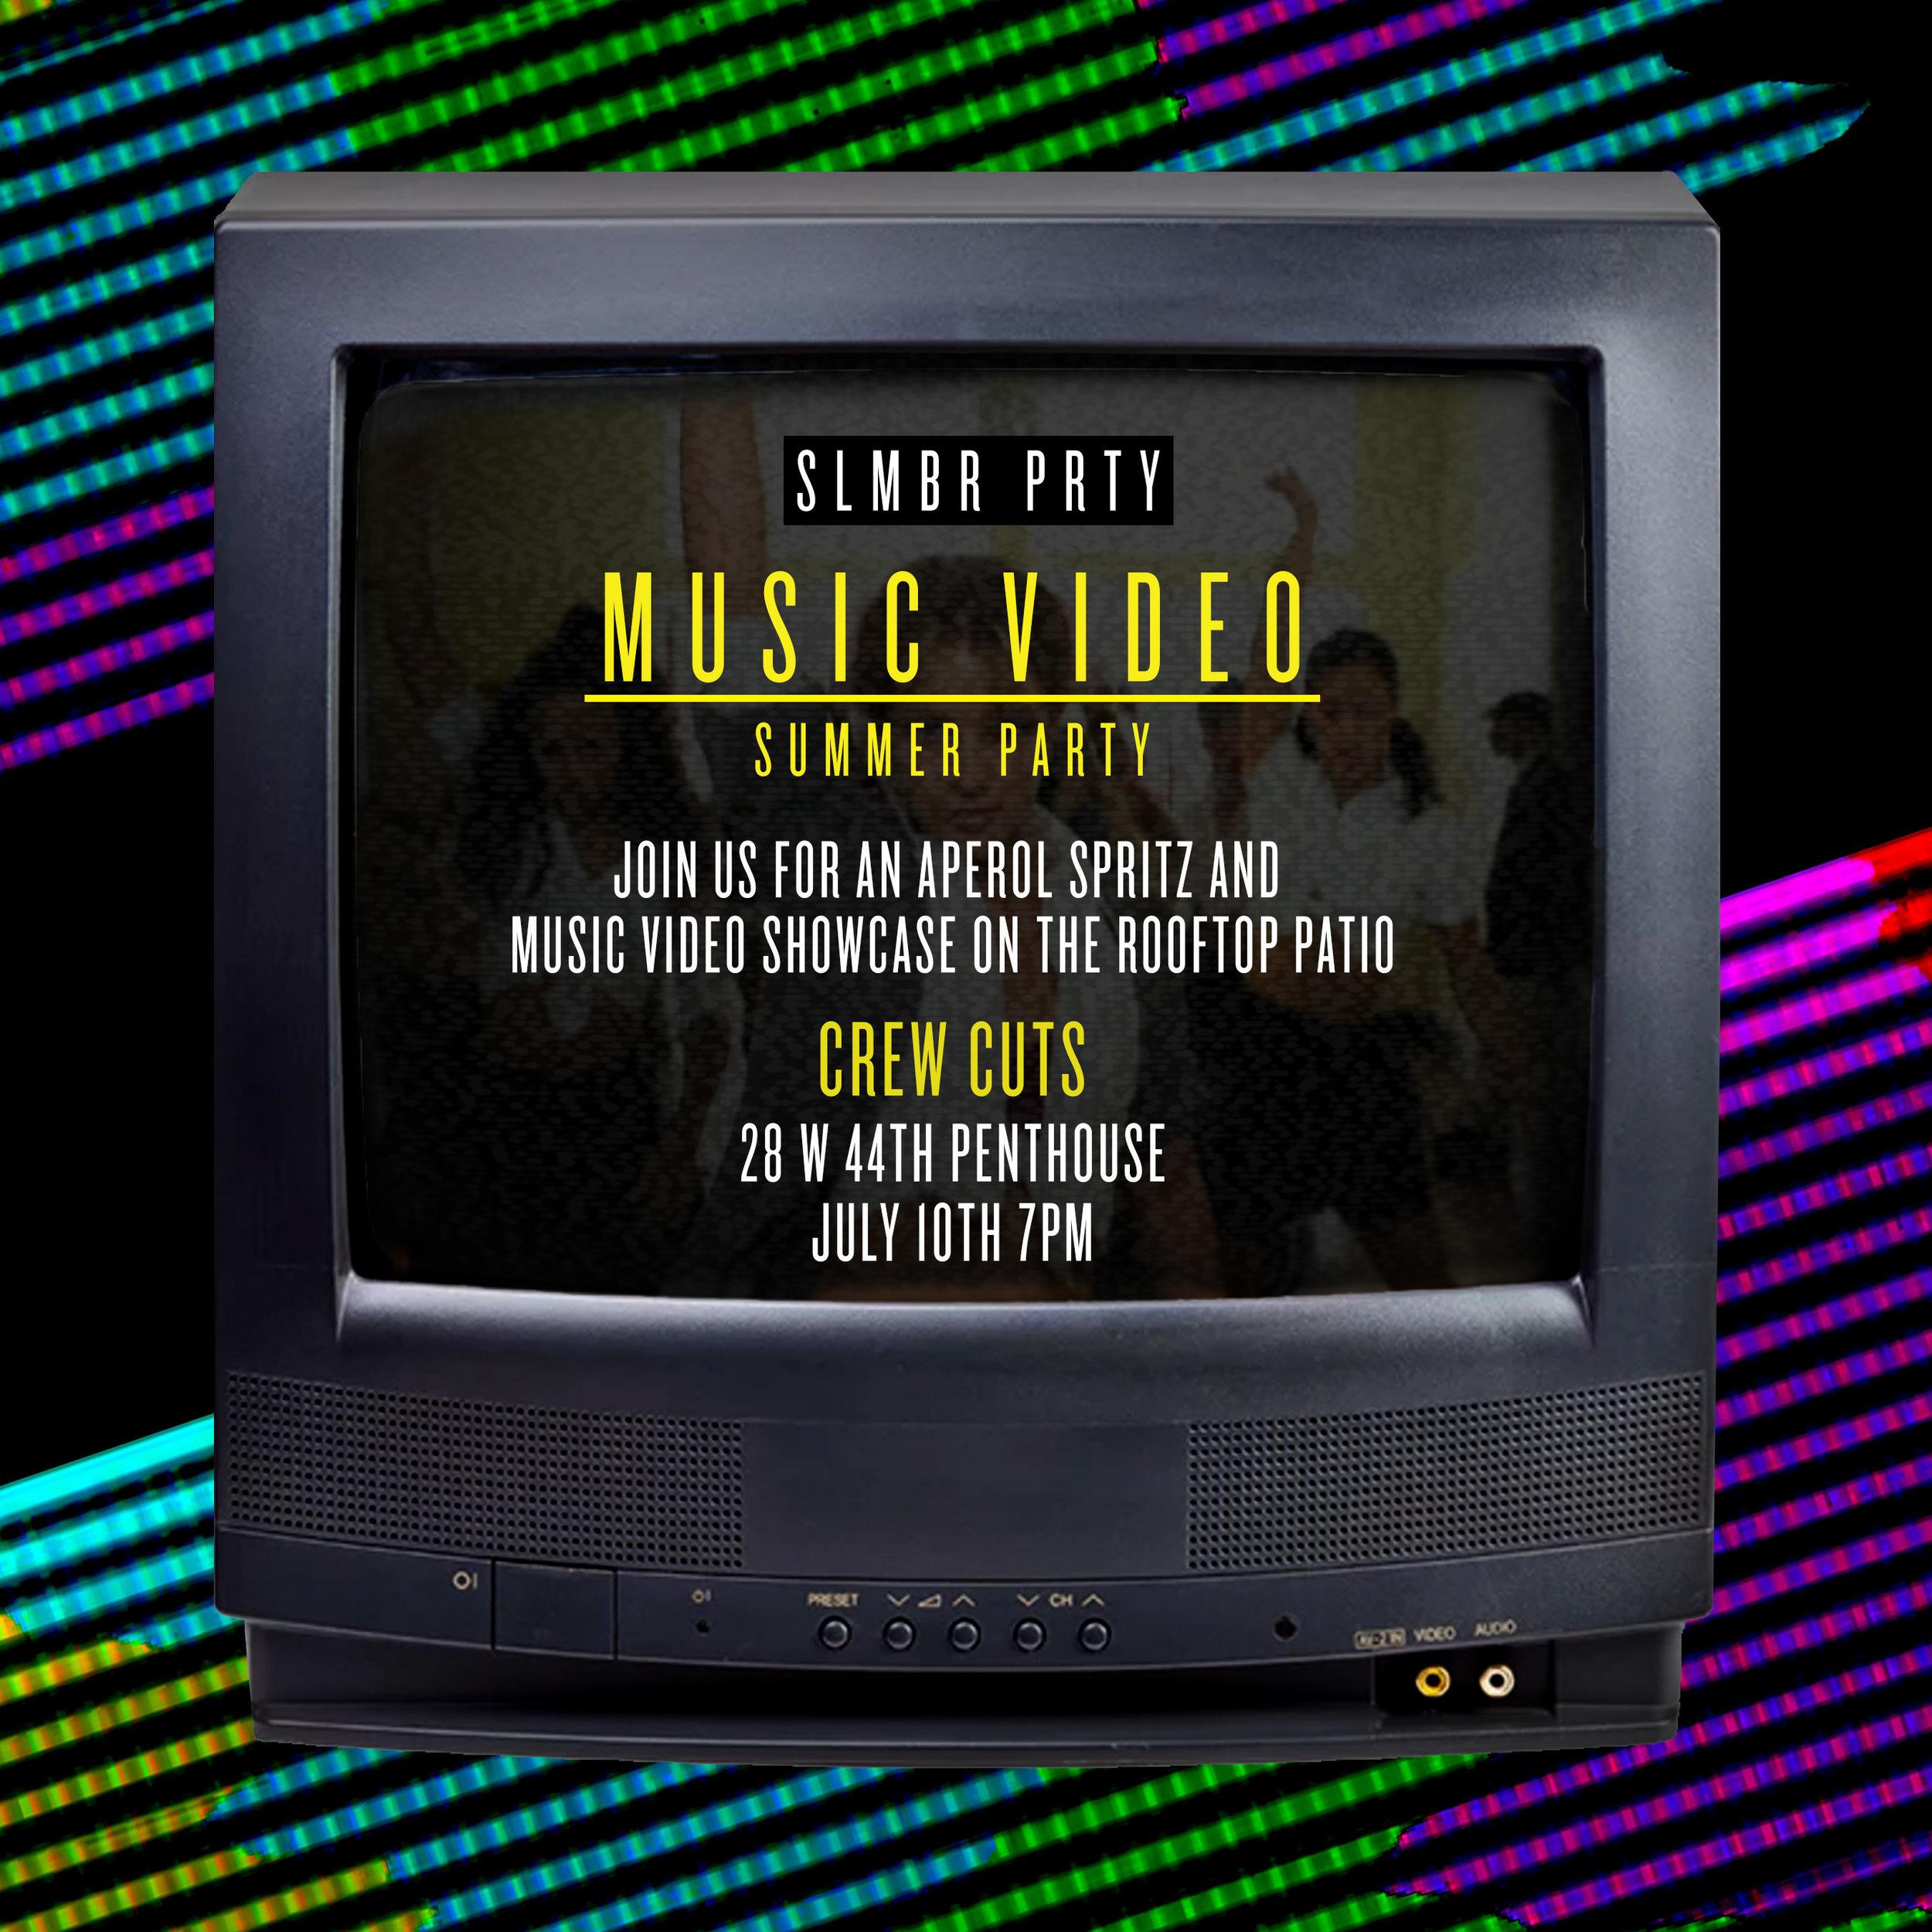 SLMBR-PRTY-MUSICVIDEO-5.jpg